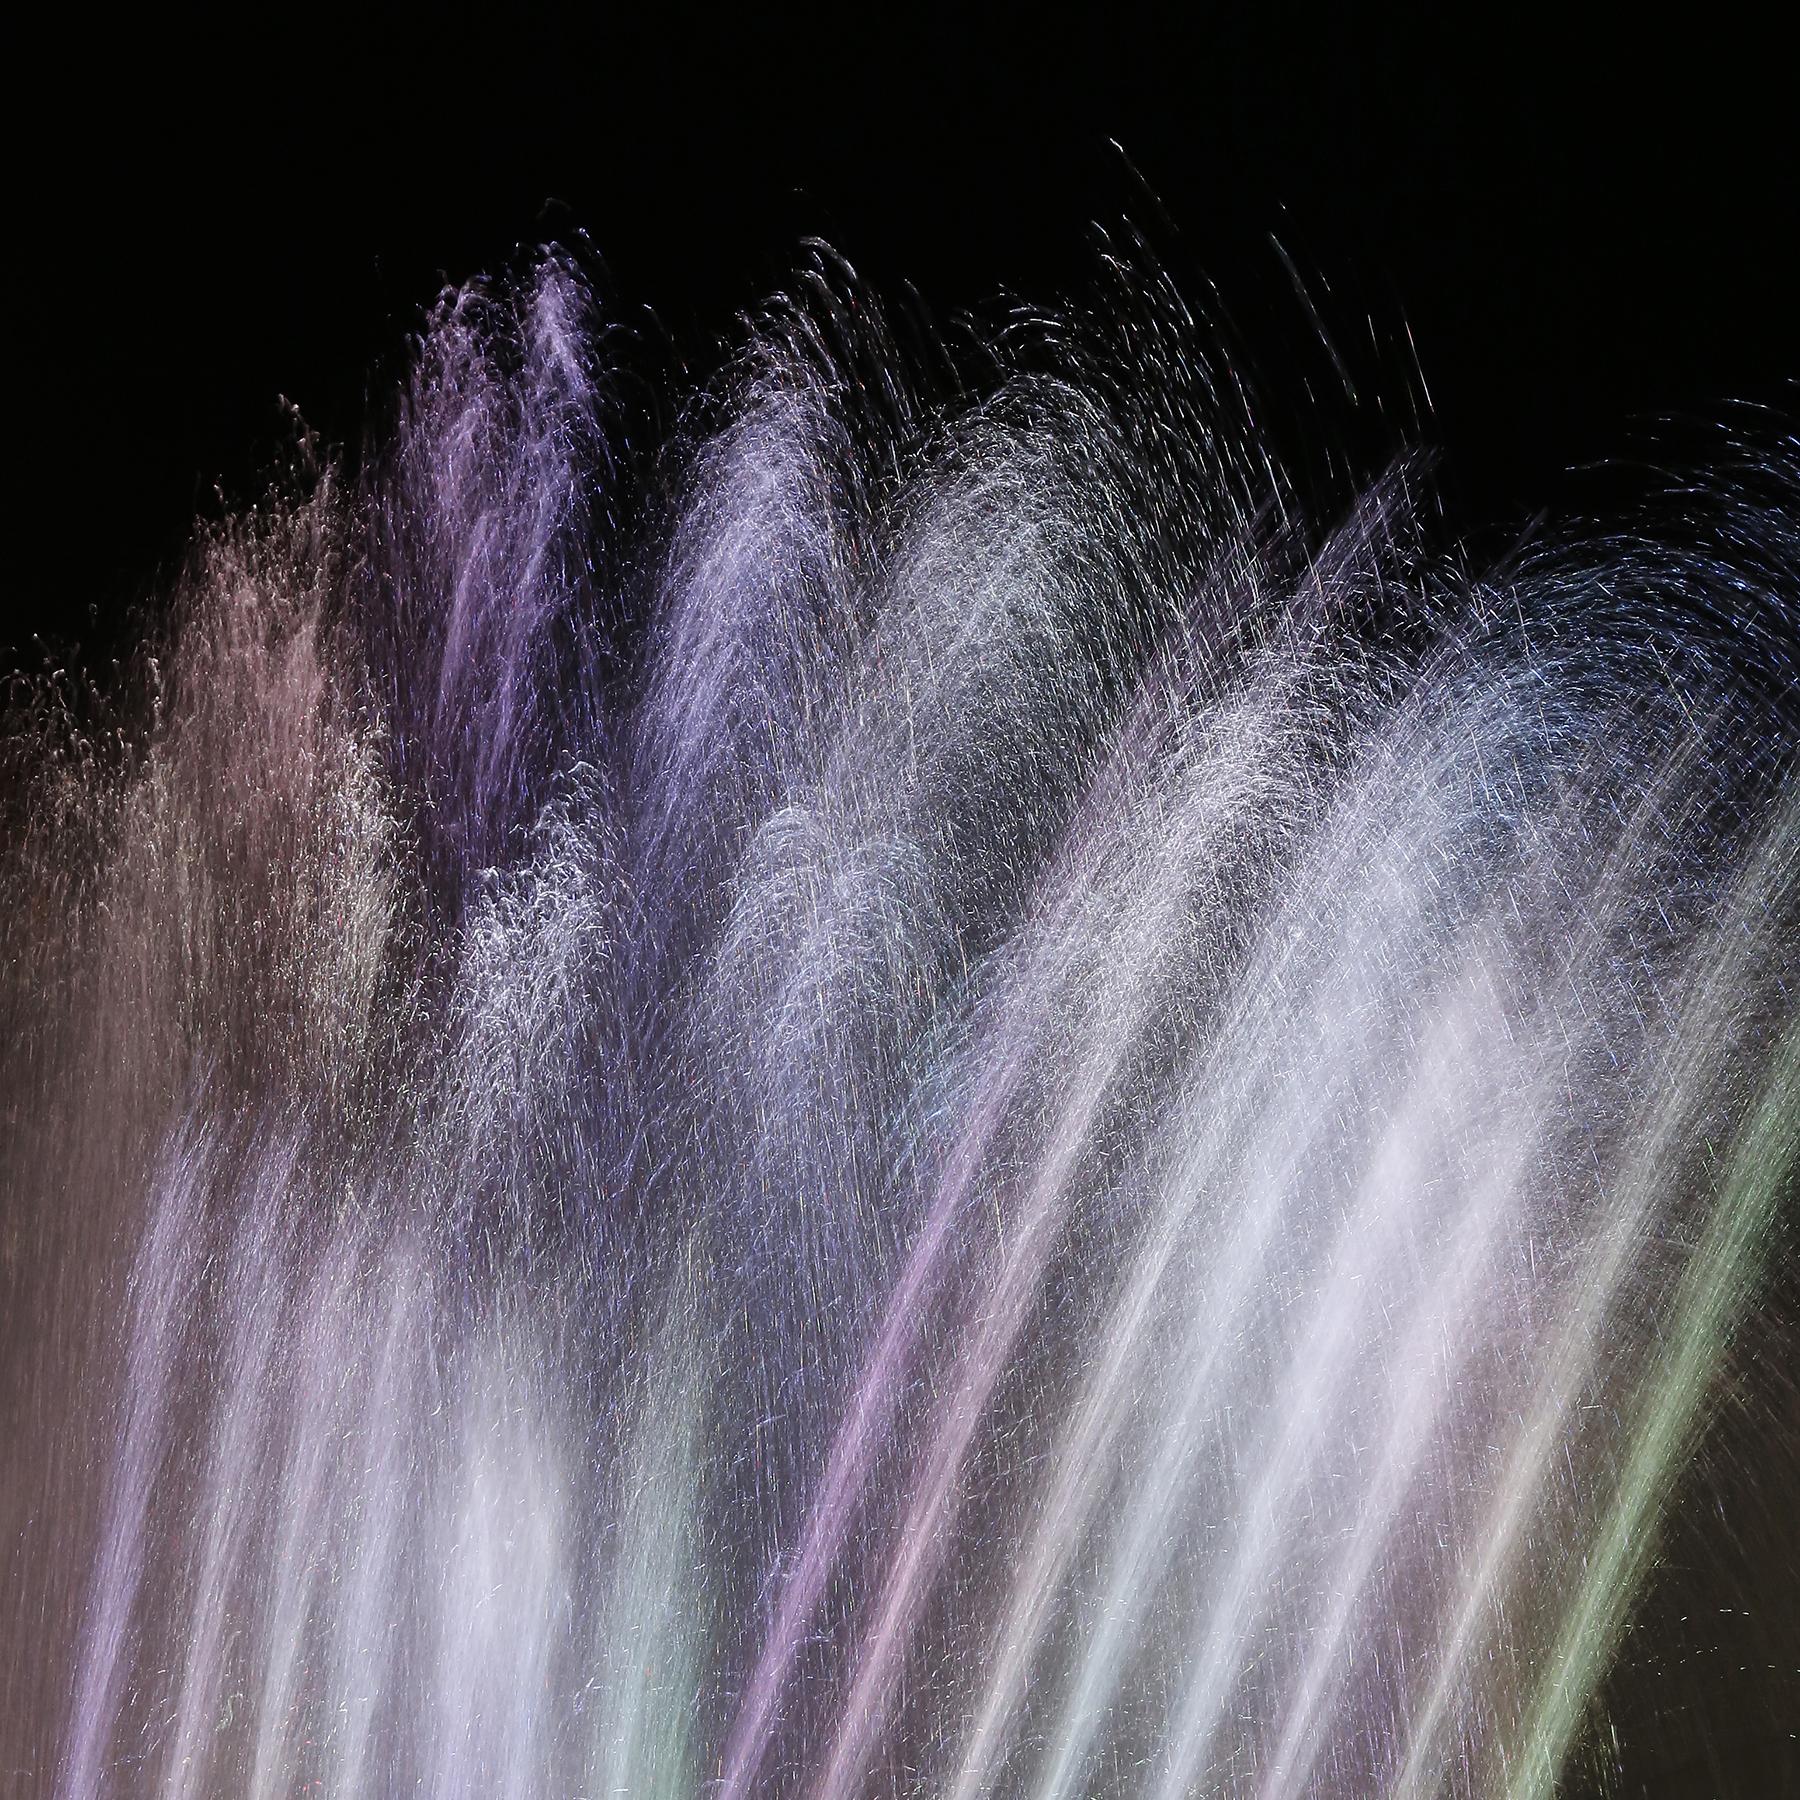 Maja_Strgar Kurecic_Dancing Water 5.jpg